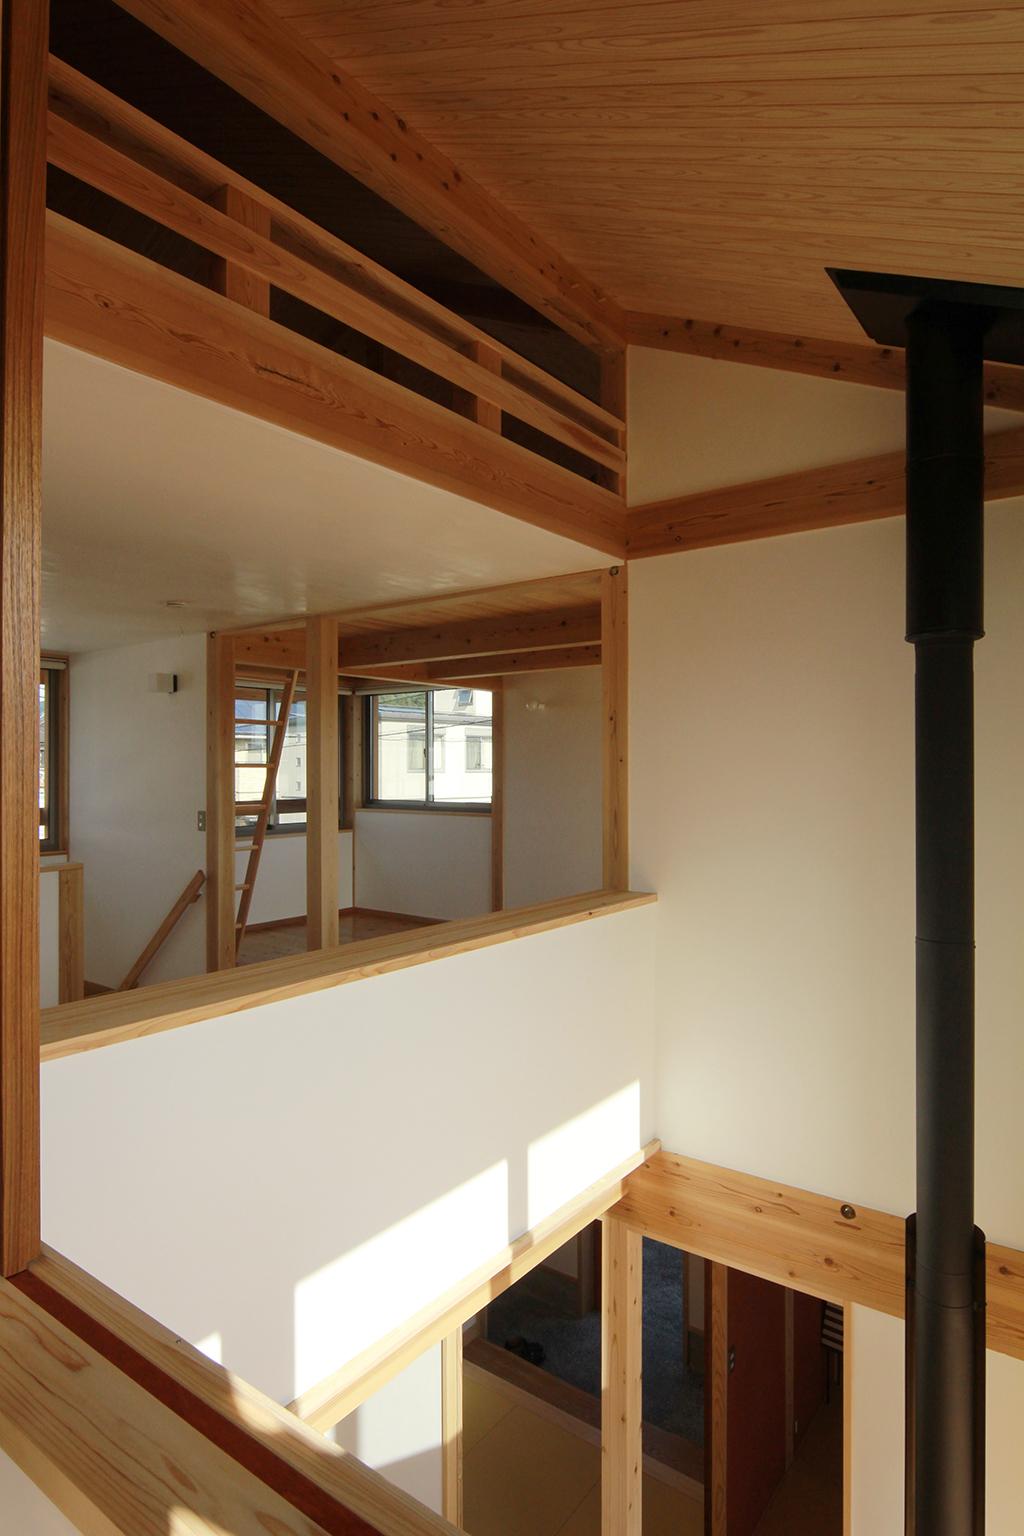 姫路市の木の家 吹き抜けで上下階が繋がる